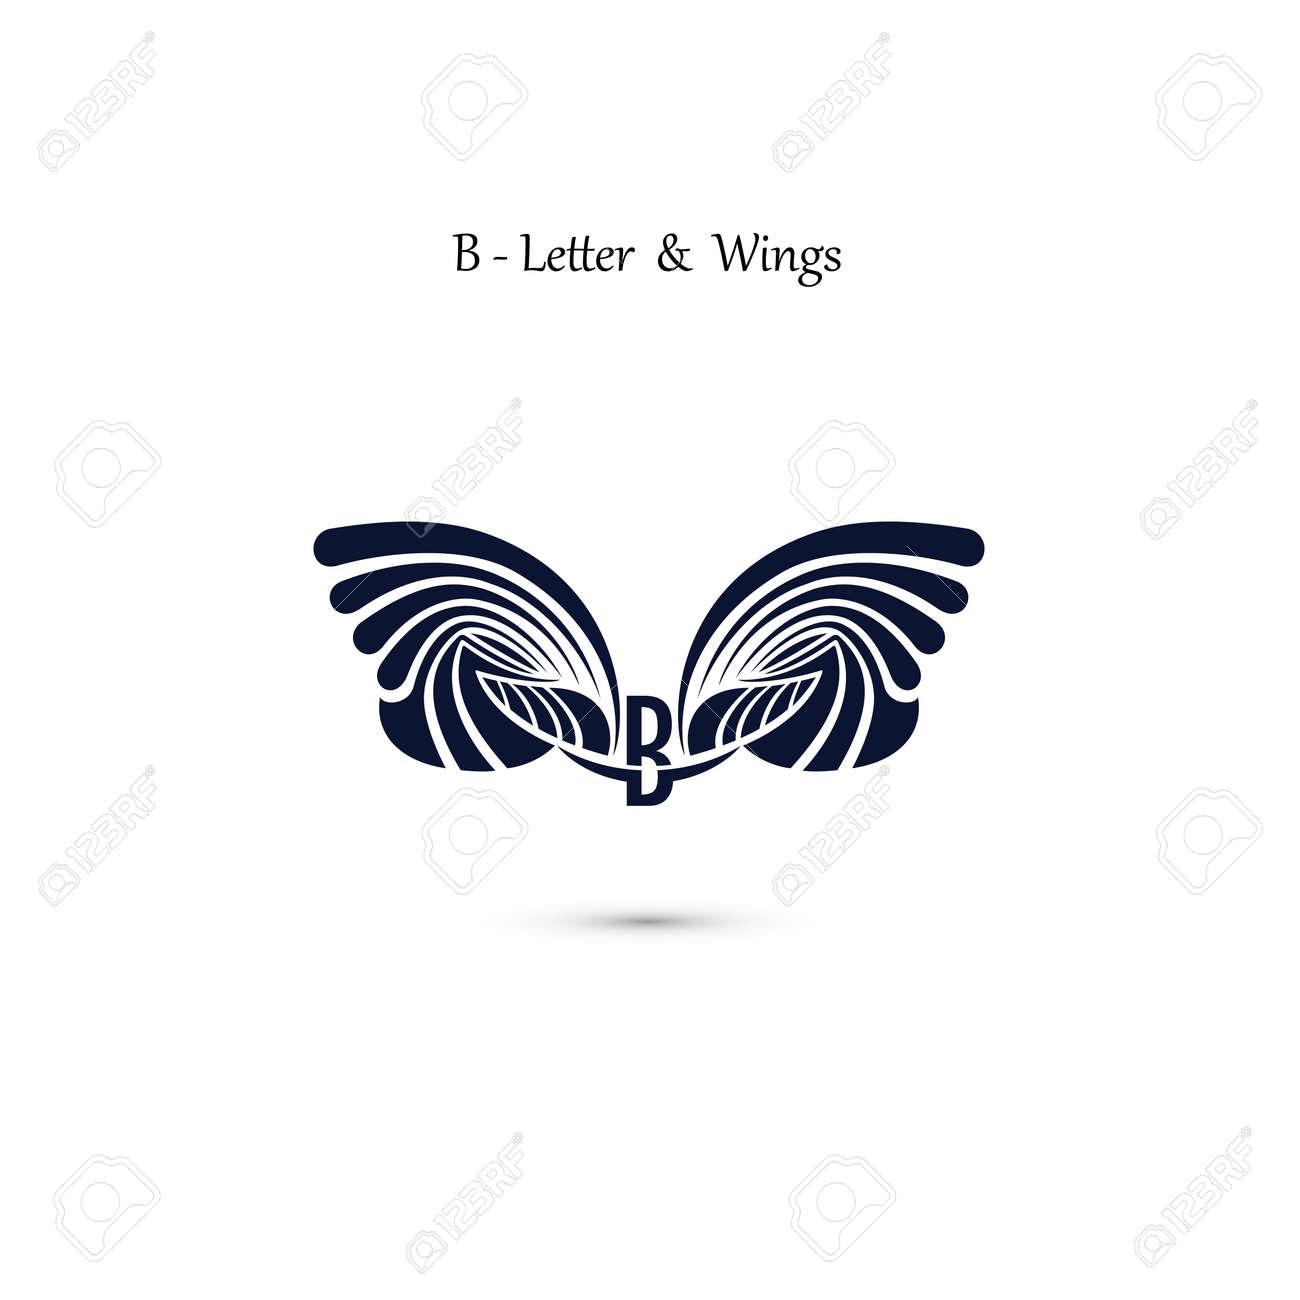 B Lettre Signe Et Ailes D Ange Modele De Logo Vecteur Aile Aile